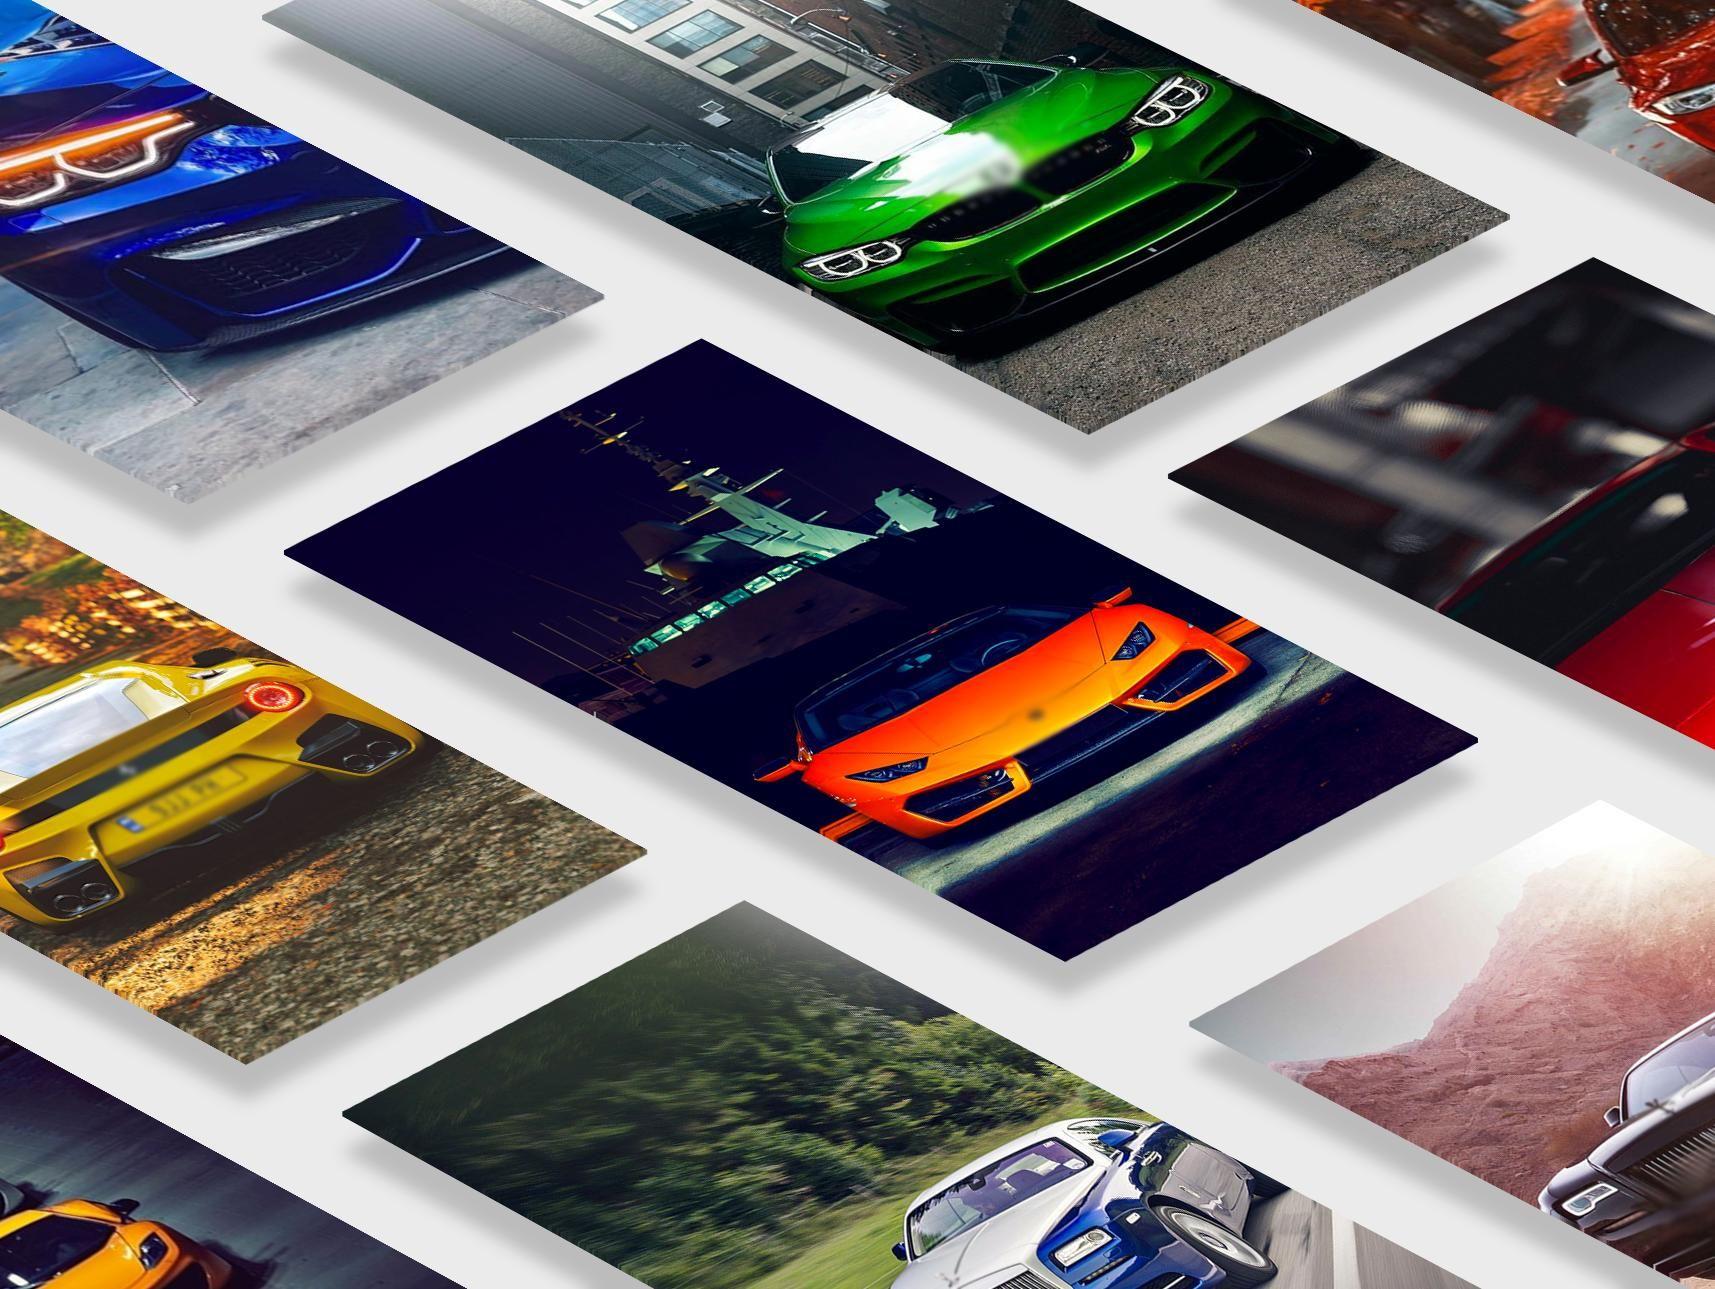 Beautiful Hd 4k Full Hd 1080p Car Wallpaper Photos In 2020 Car Wallpapers Desktop Wallpapers Backgrounds Car